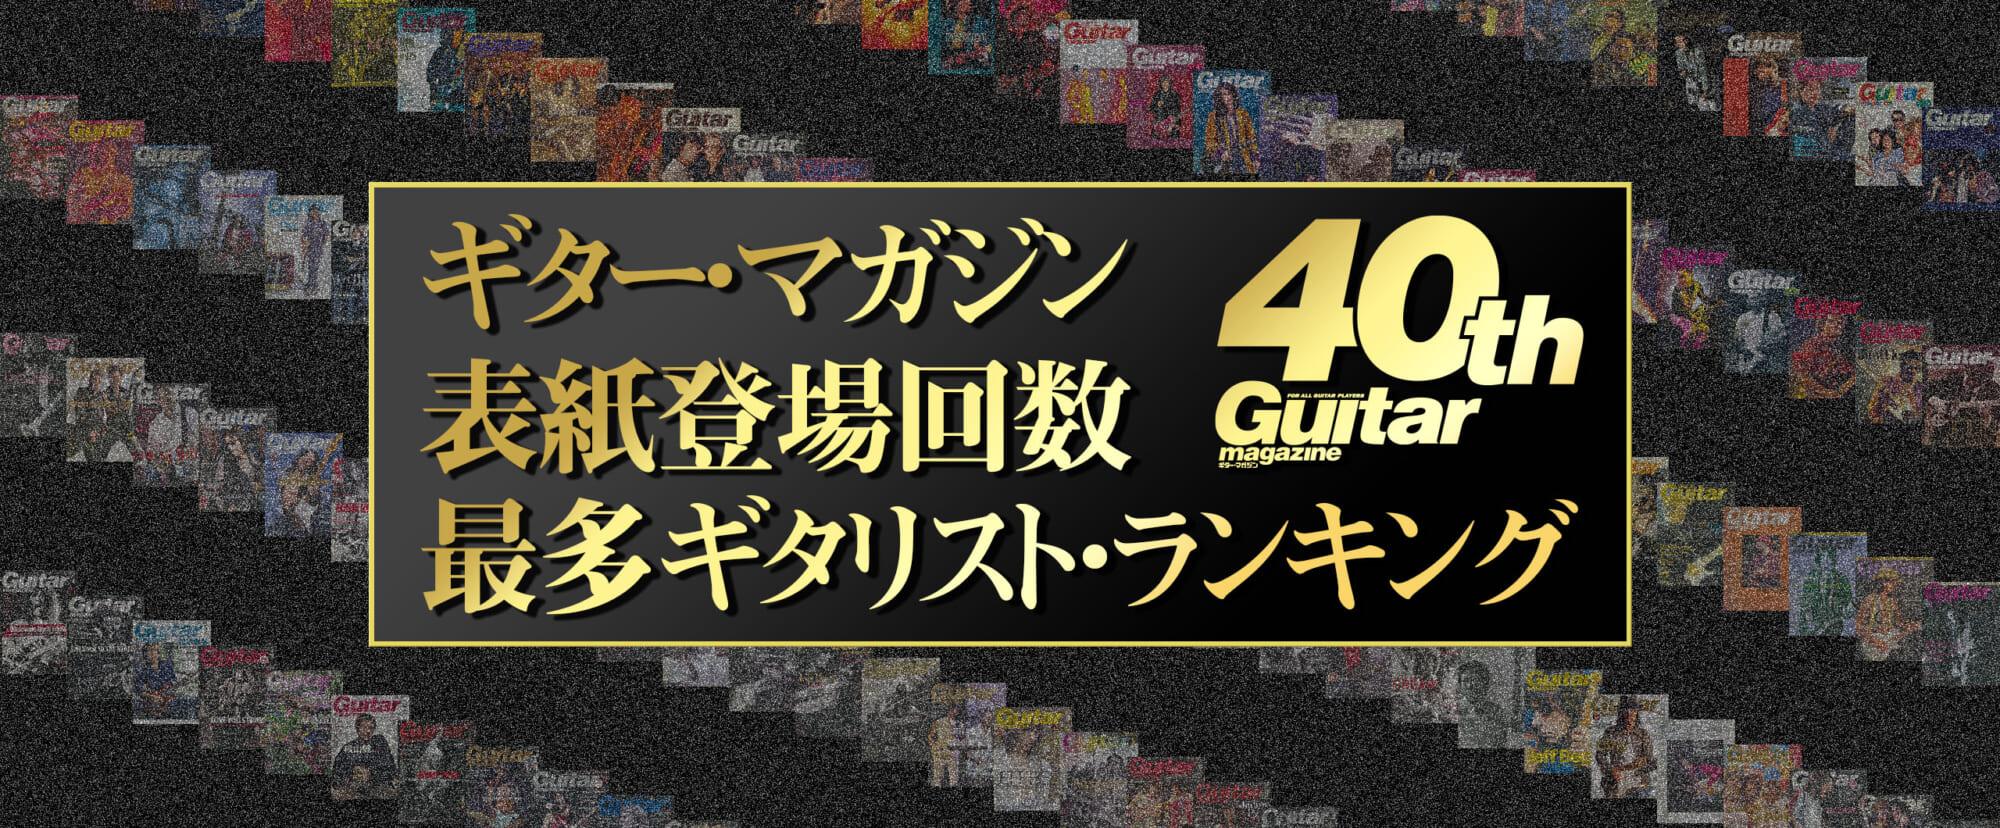 ギター・マガジン表紙登場回数最多ギタリスト・ランキング 1位の発表!